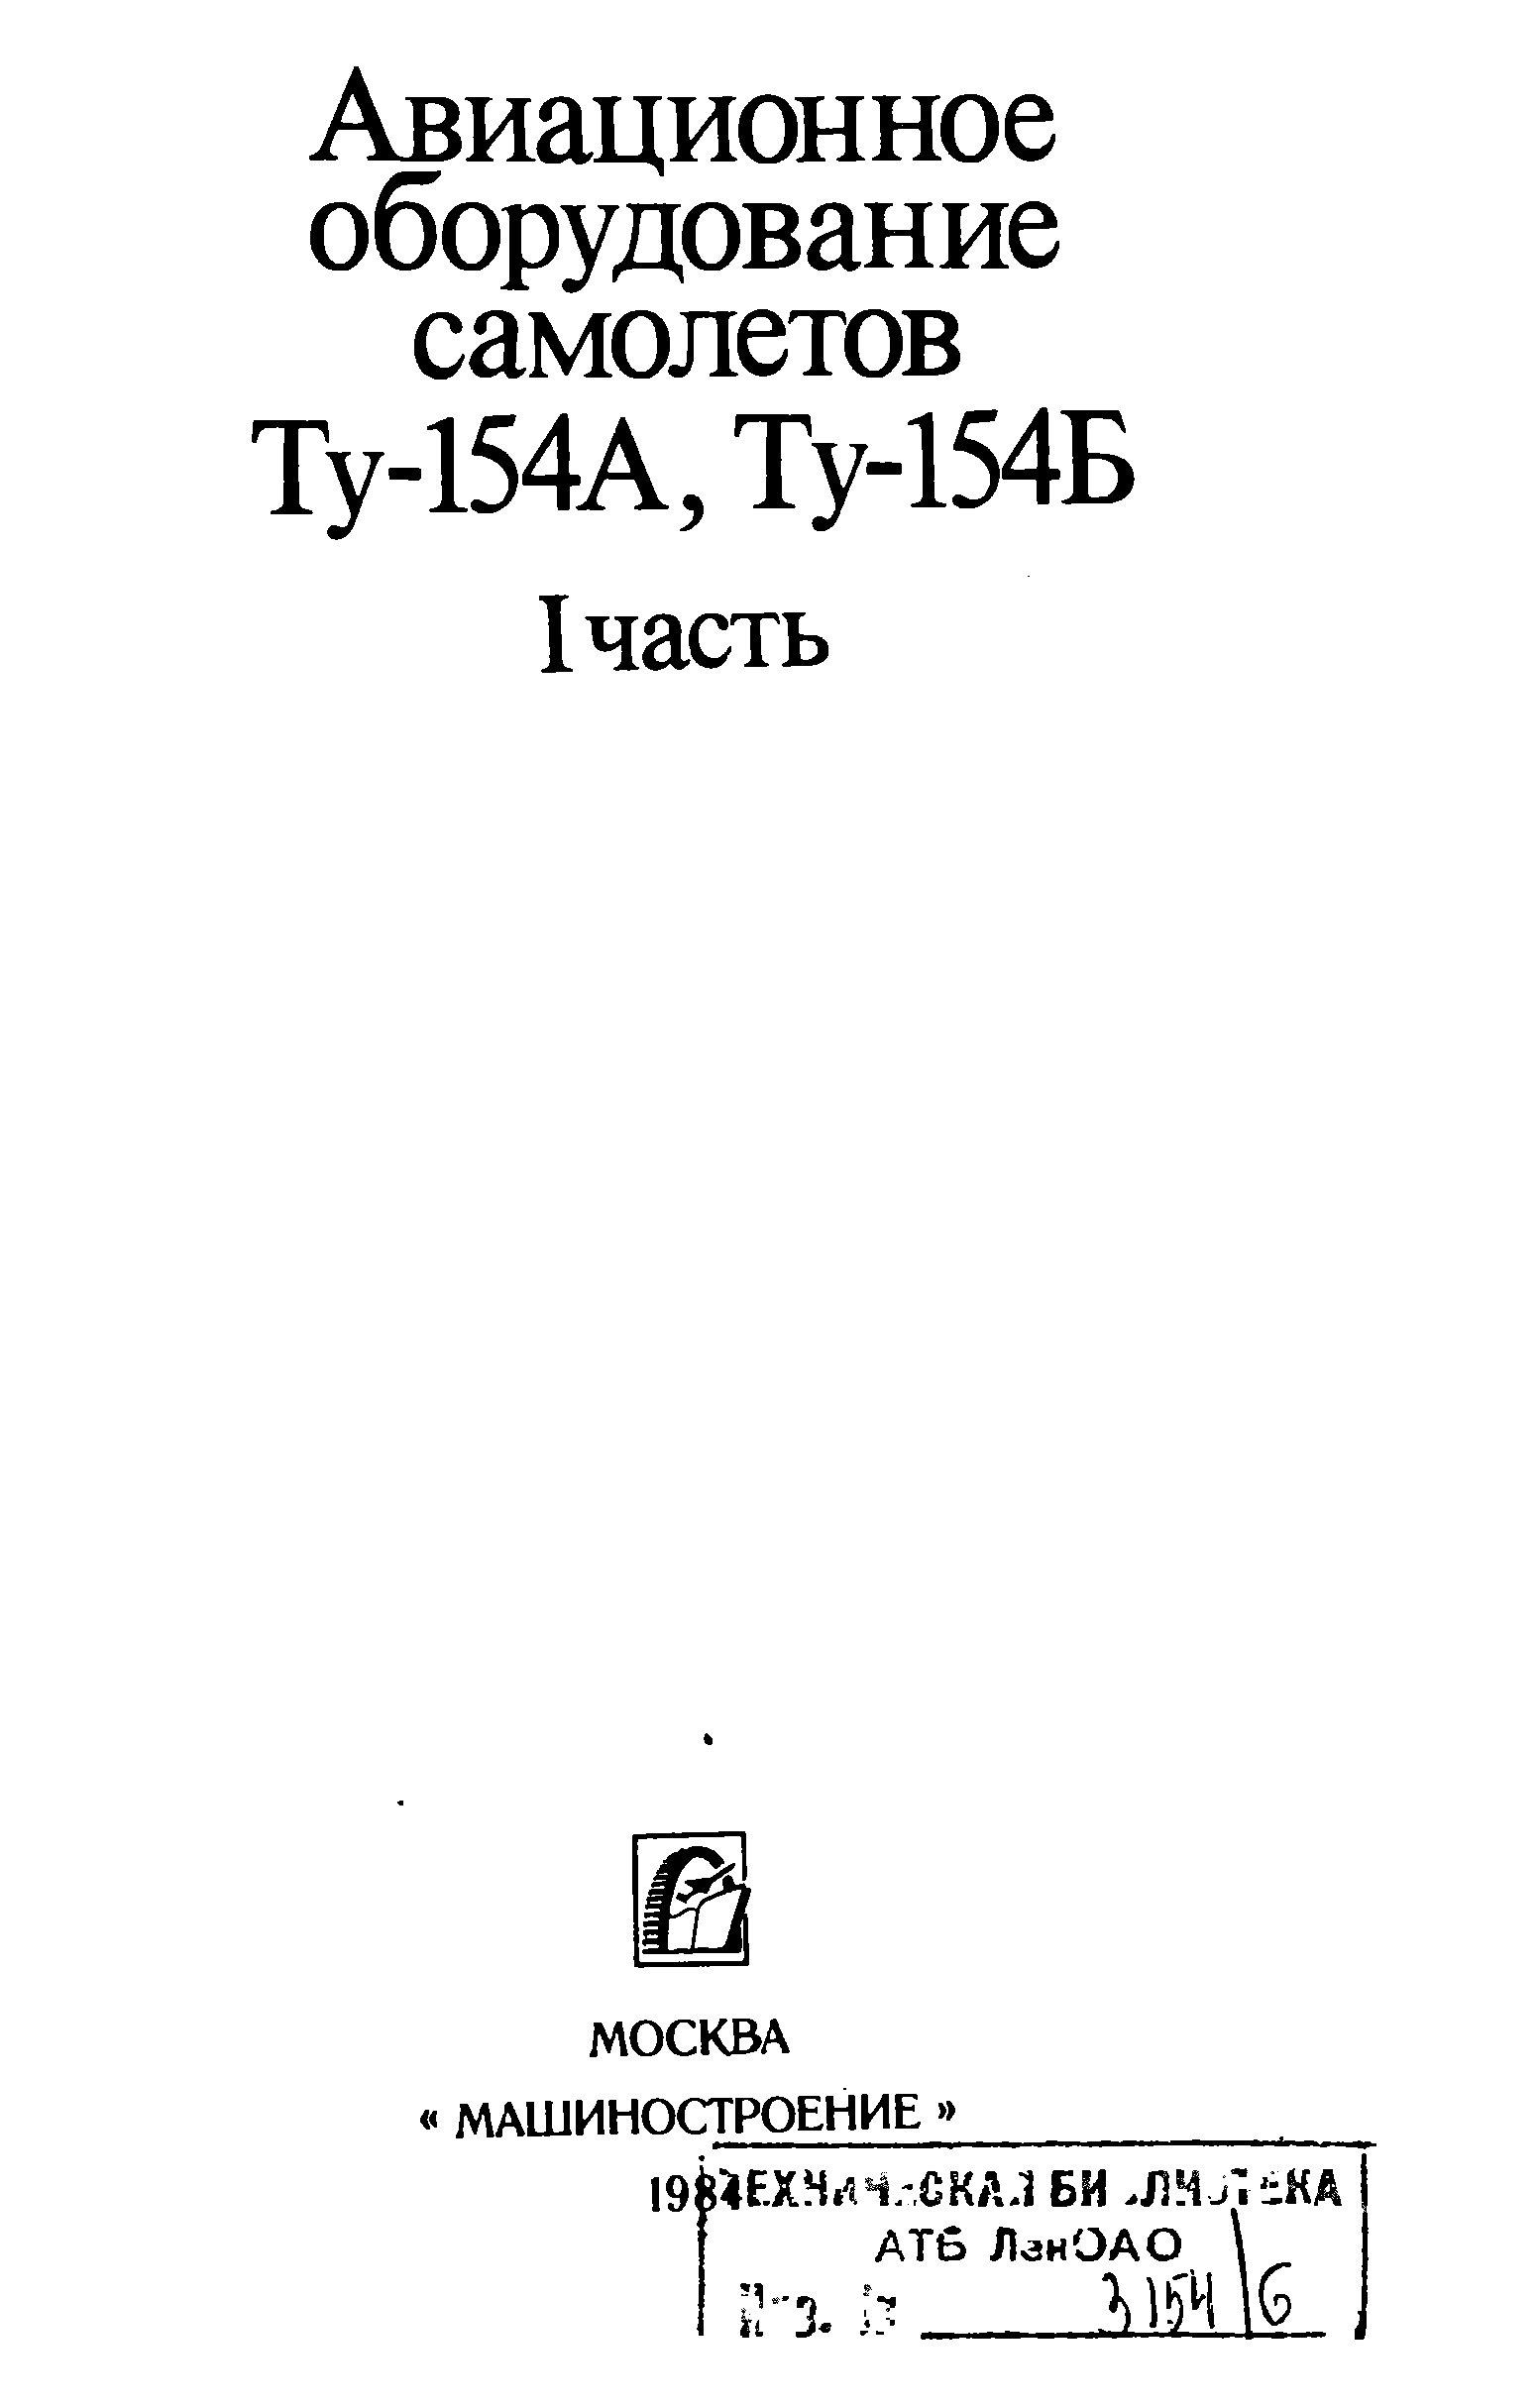 Авиационное оборудование самолетов Ту-154А, Ту-154Б/В. (Часть 1)